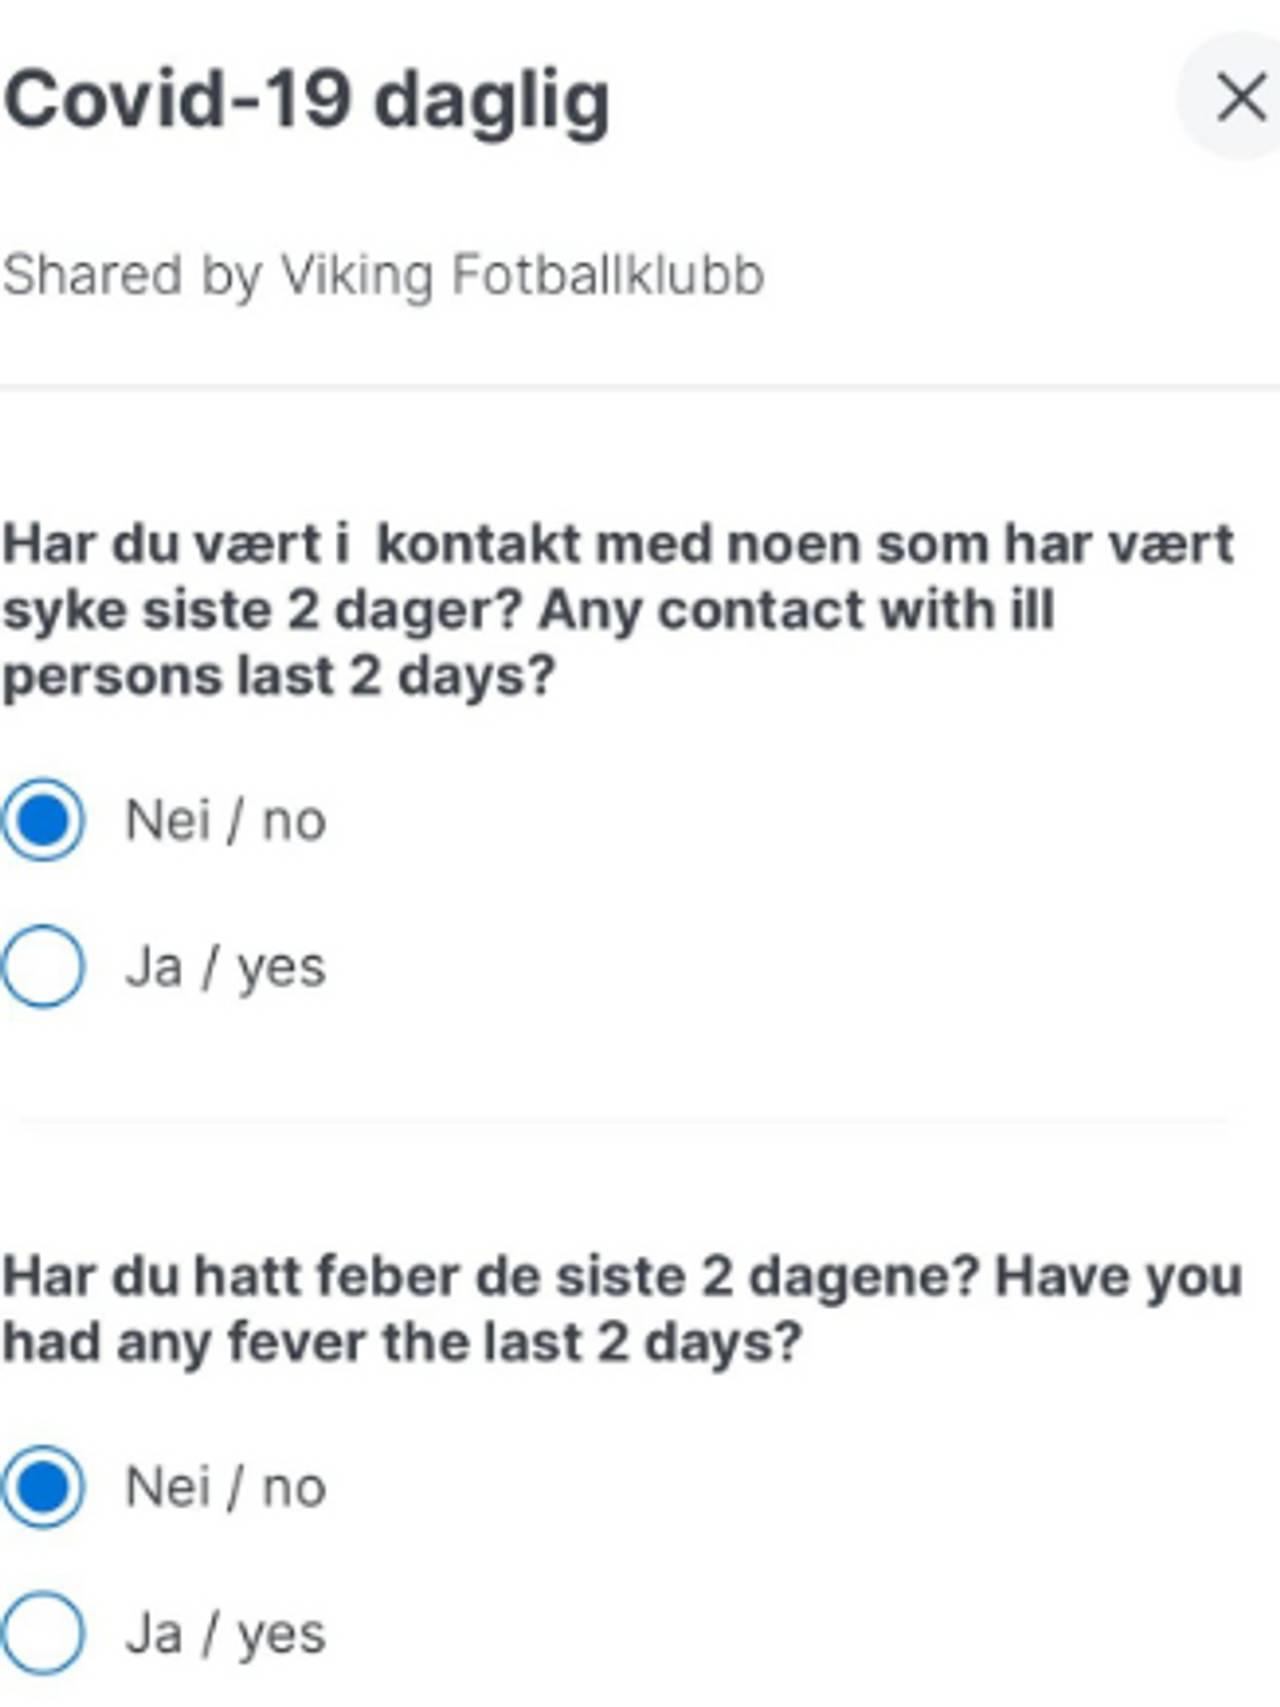 viking koronaskjema1